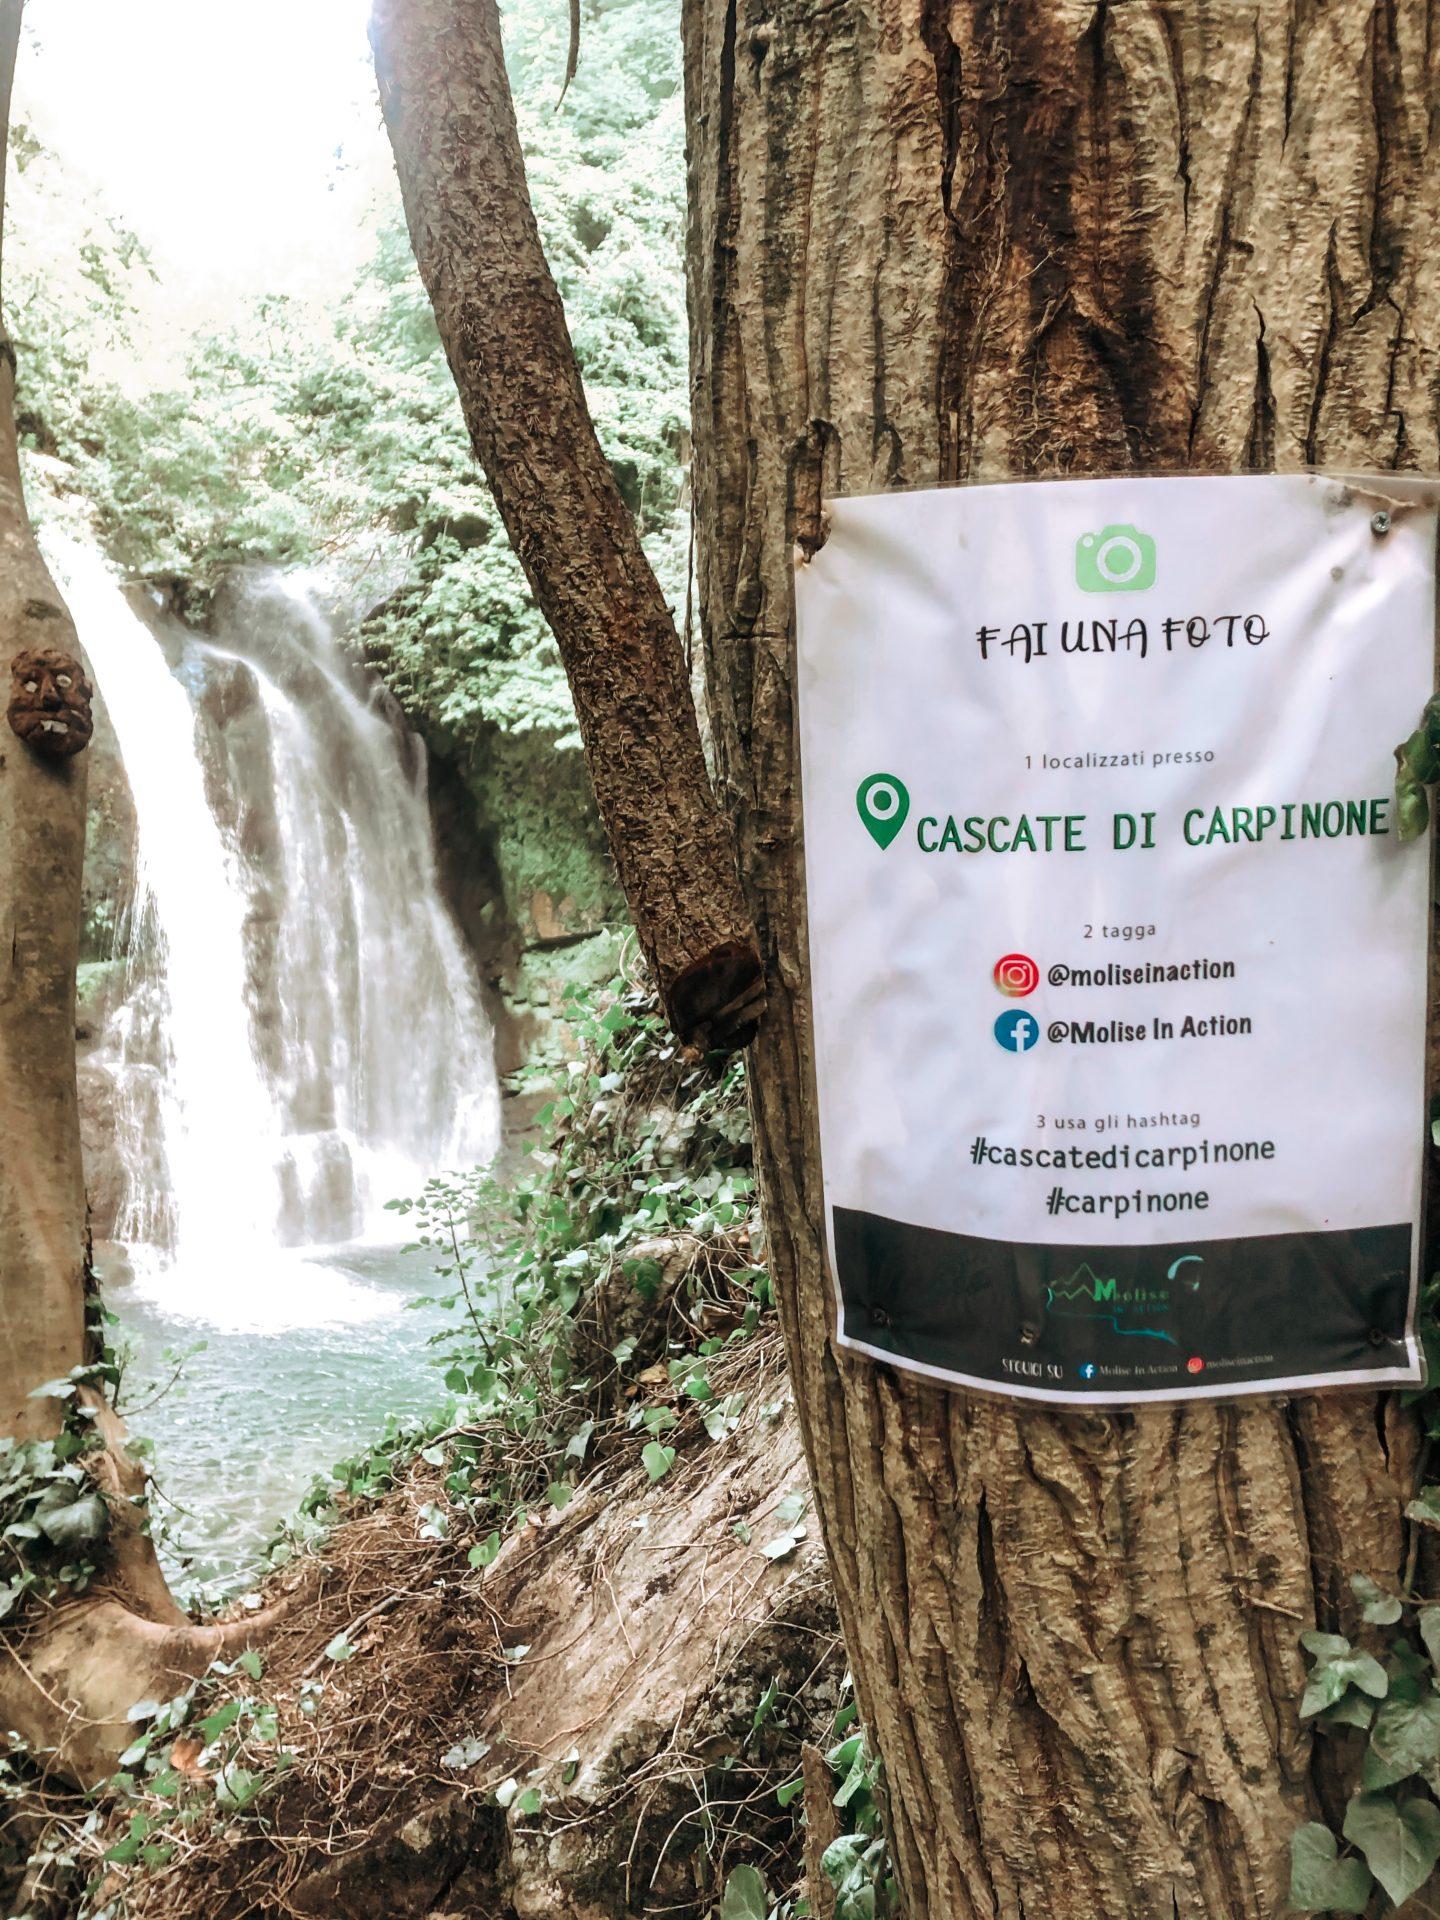 Indicazioni su un foglio davanti la cascata carpinone